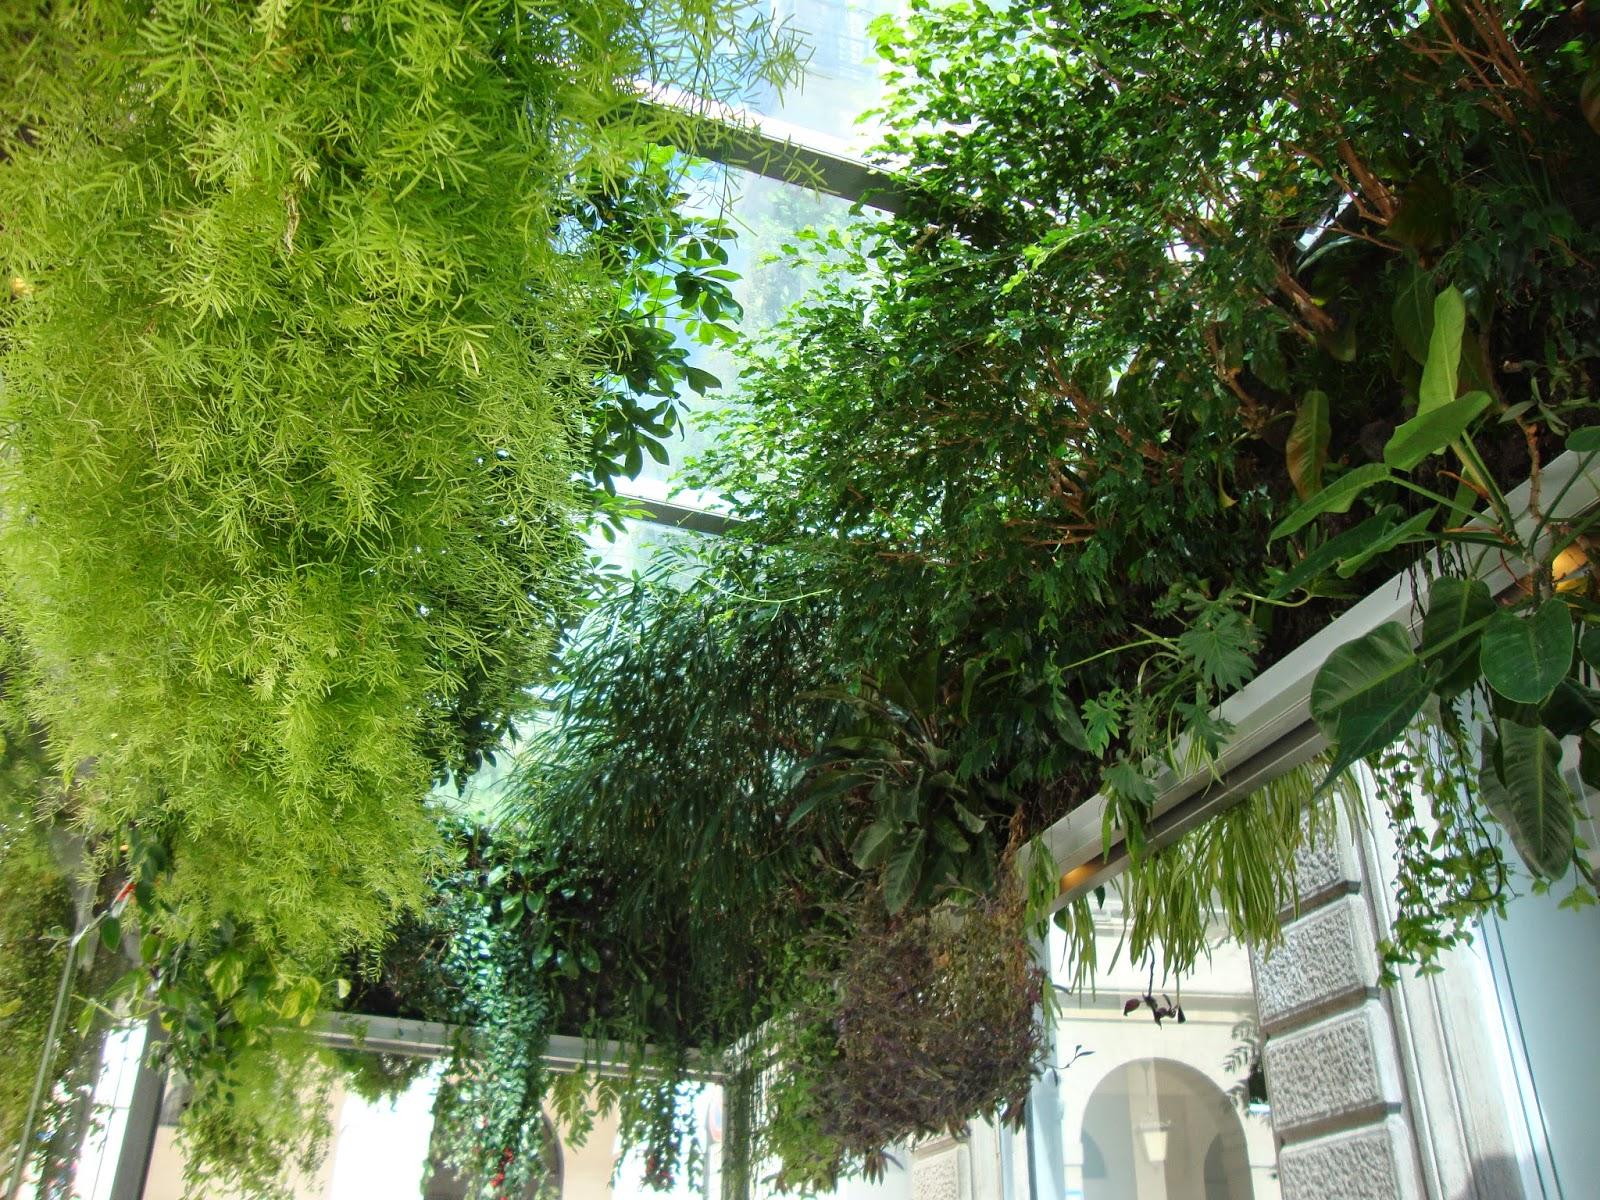 Un piccolo giardino in città: Il giardino verticale di ...